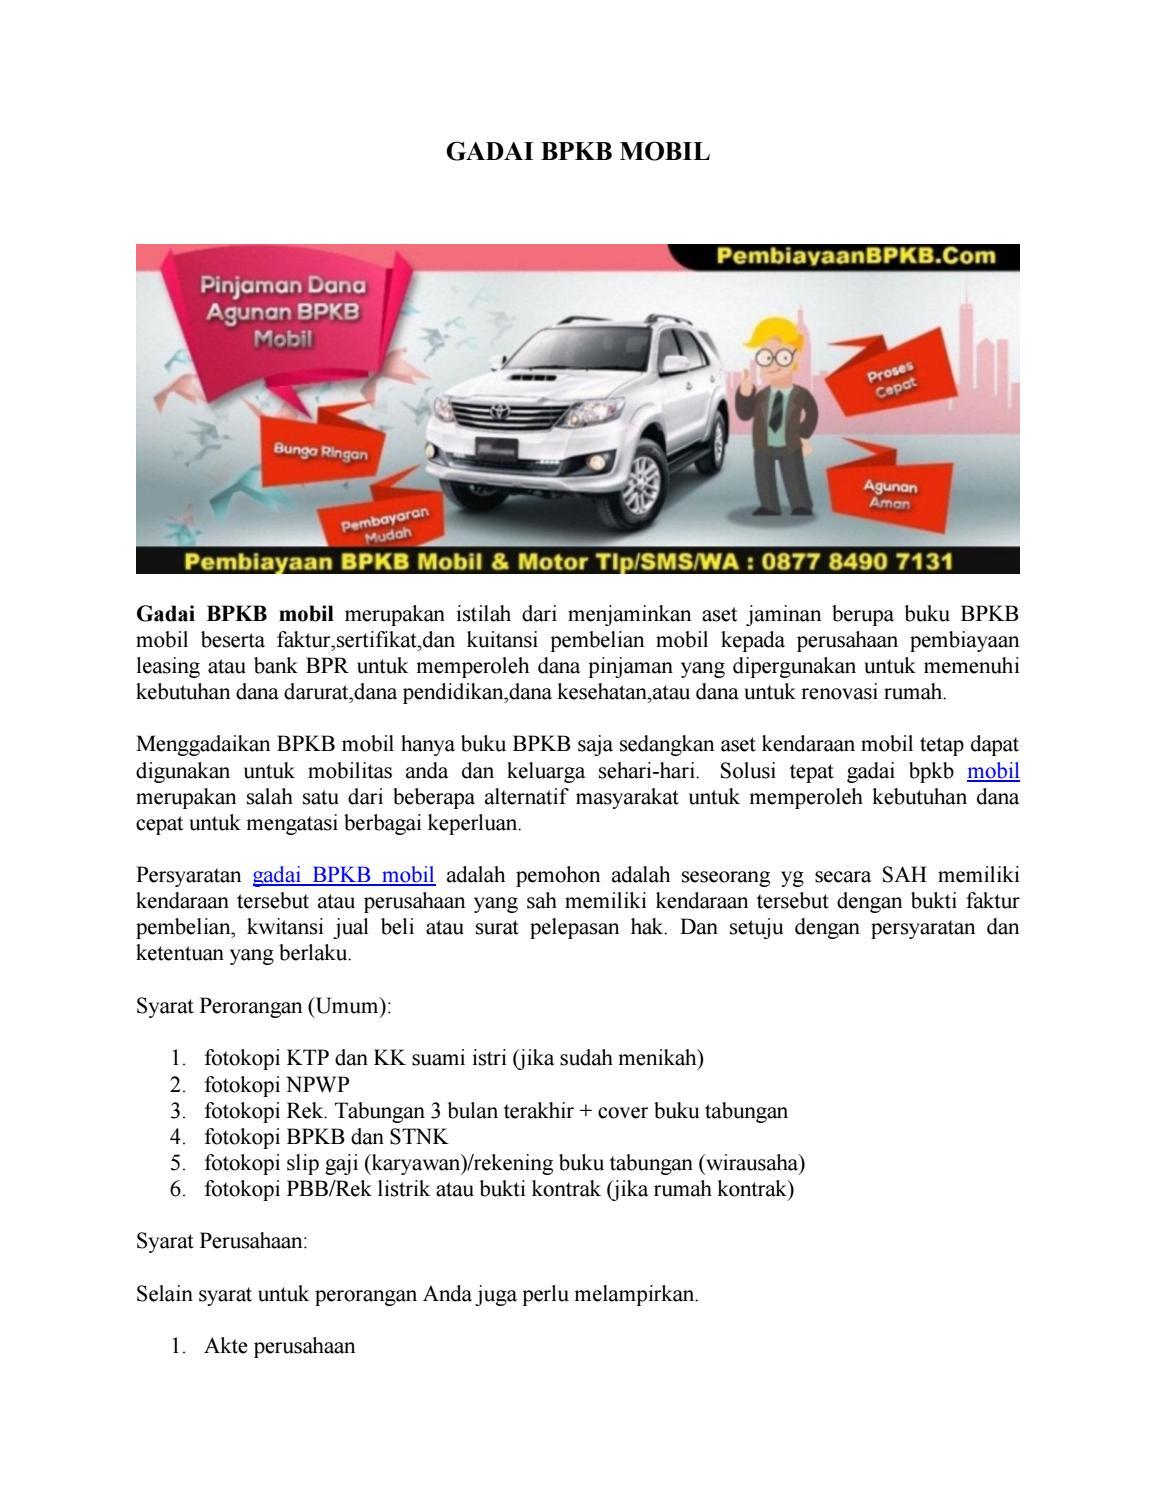 Gadai Bpkb Mobil By Pembiayaan Bpkb Issuu